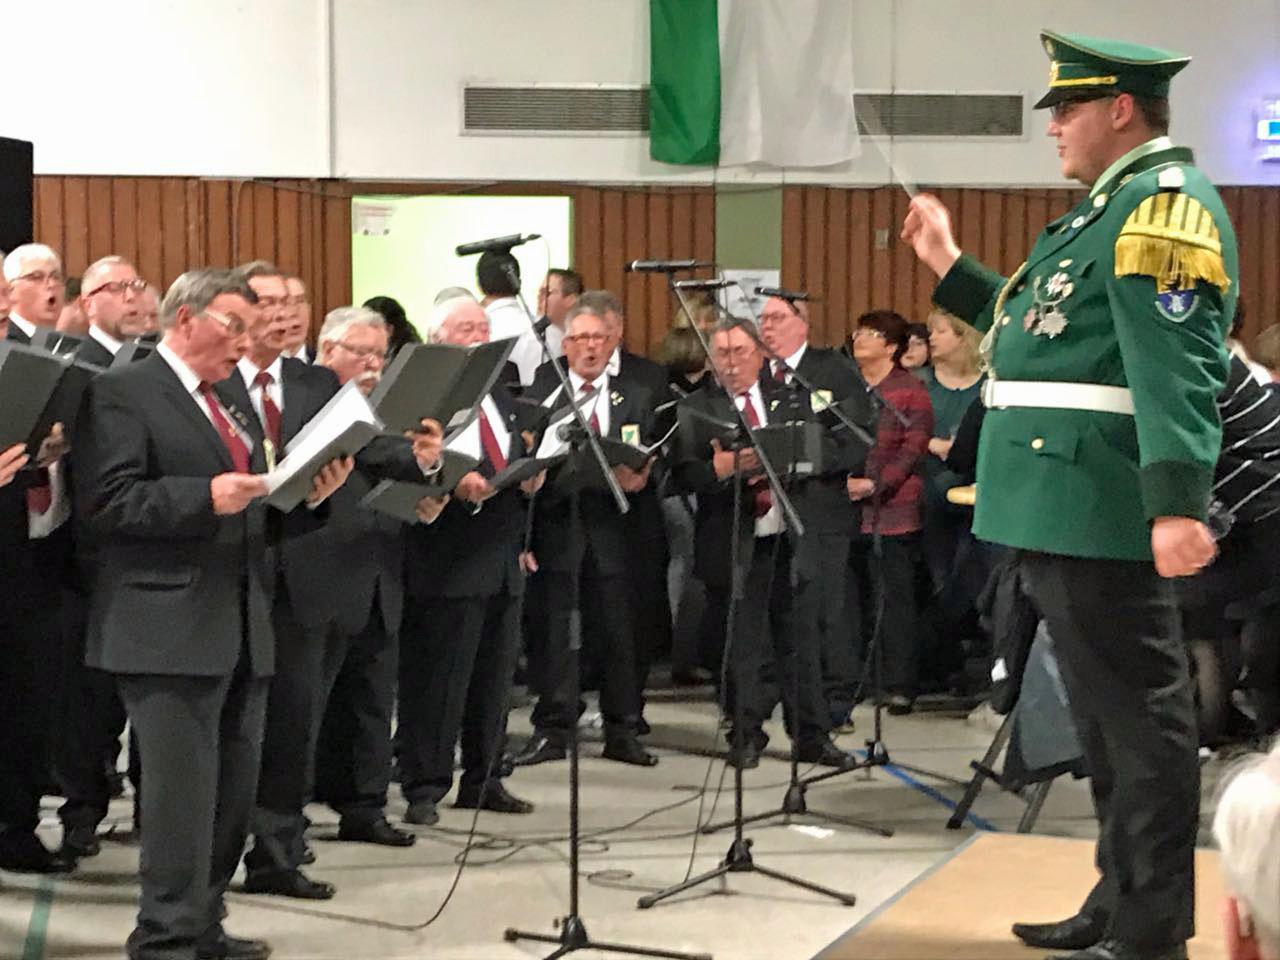 Unter der musikalischen Gesamtleitung von Marcel Vosen (rechts) unterstütze der Quartettverein gesanglich bei einigen Märschen in der Königshovener Bürgerhalle.